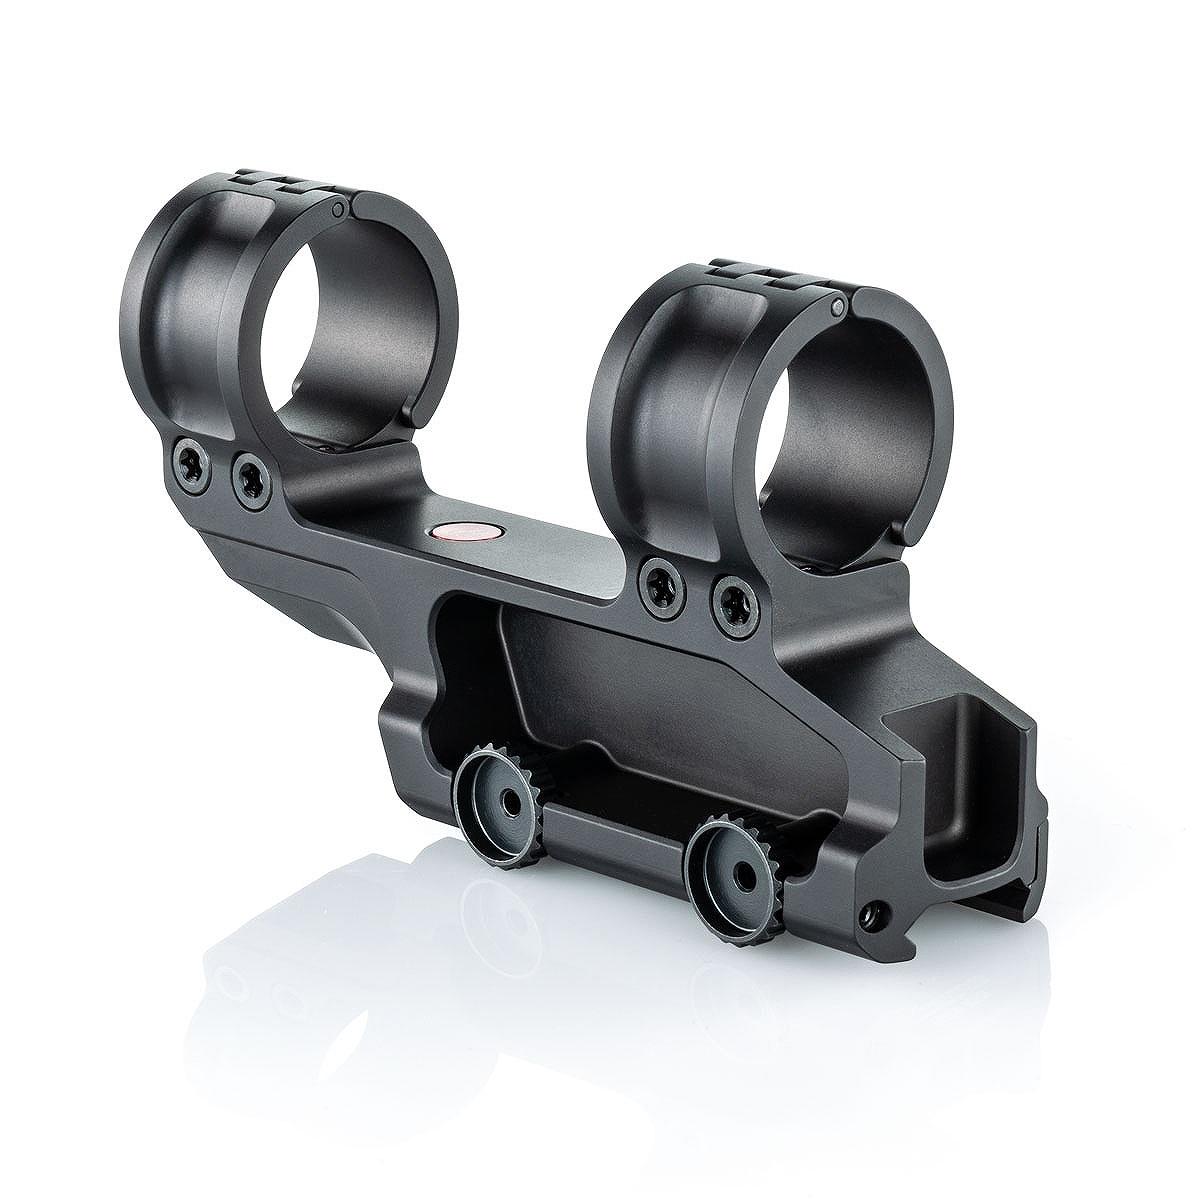 """スカラーワークス スコープマウント LEAP/07 30mm Ring mount (1.93"""" height) SCALARWORKS"""